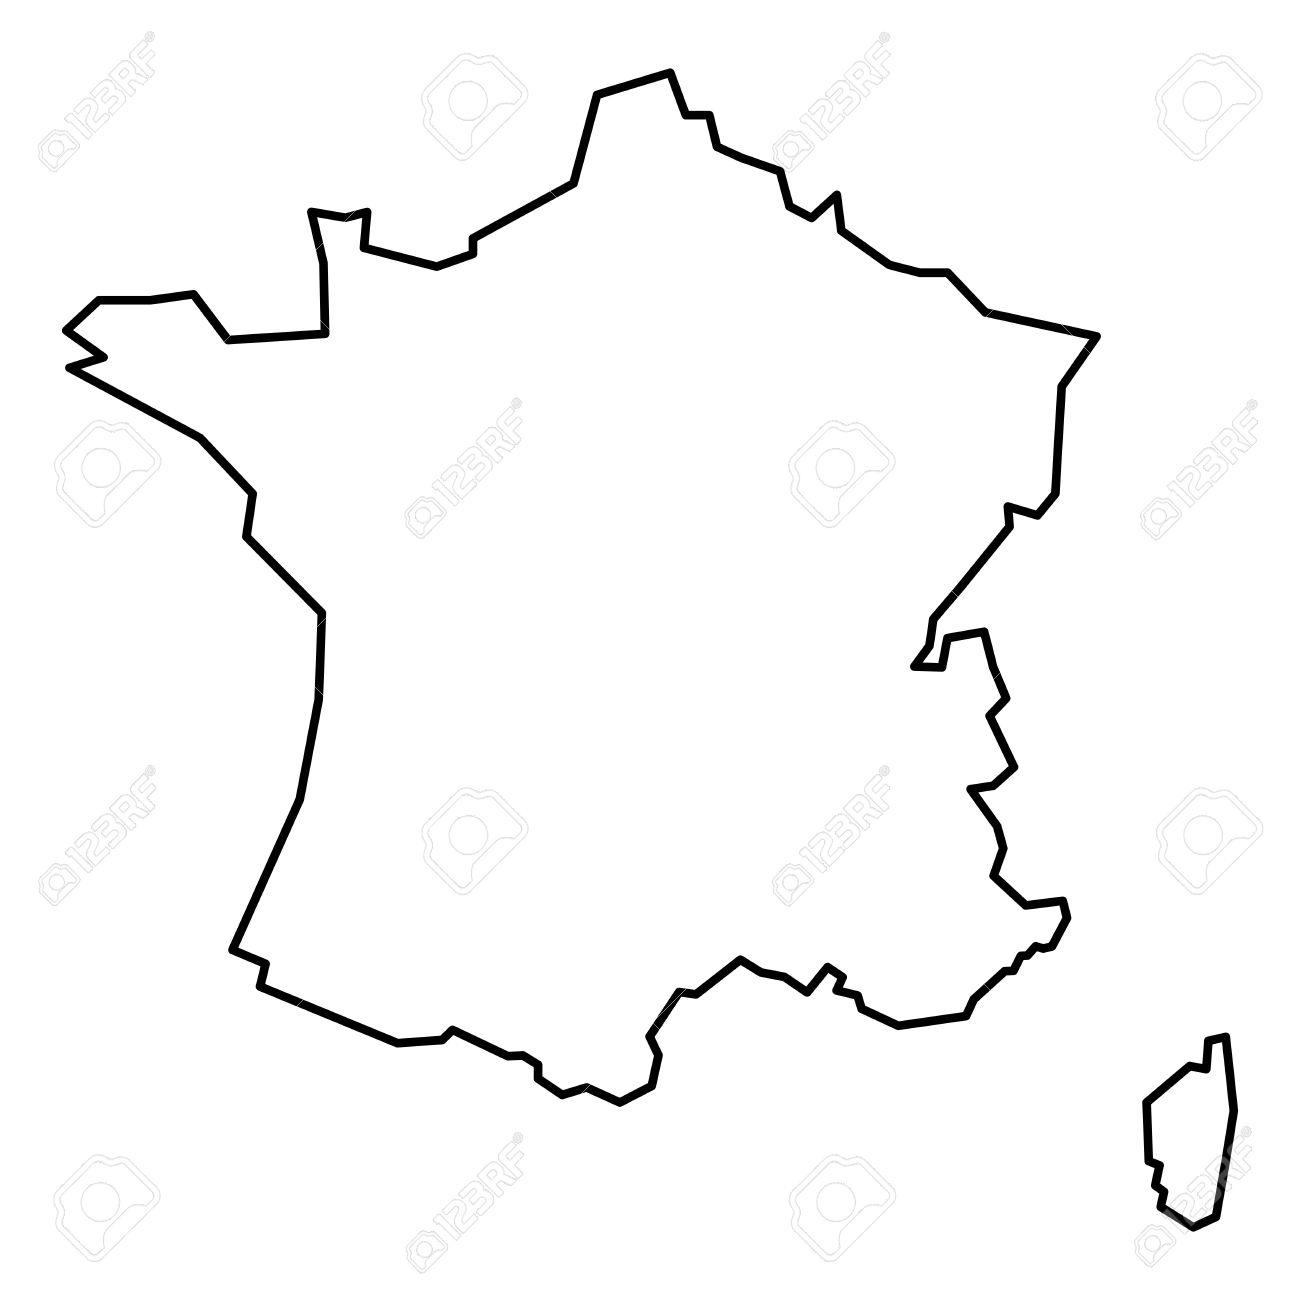 Carte De France En Noir Et Blanc - Altoservices serapportantà Dessin Carte De France